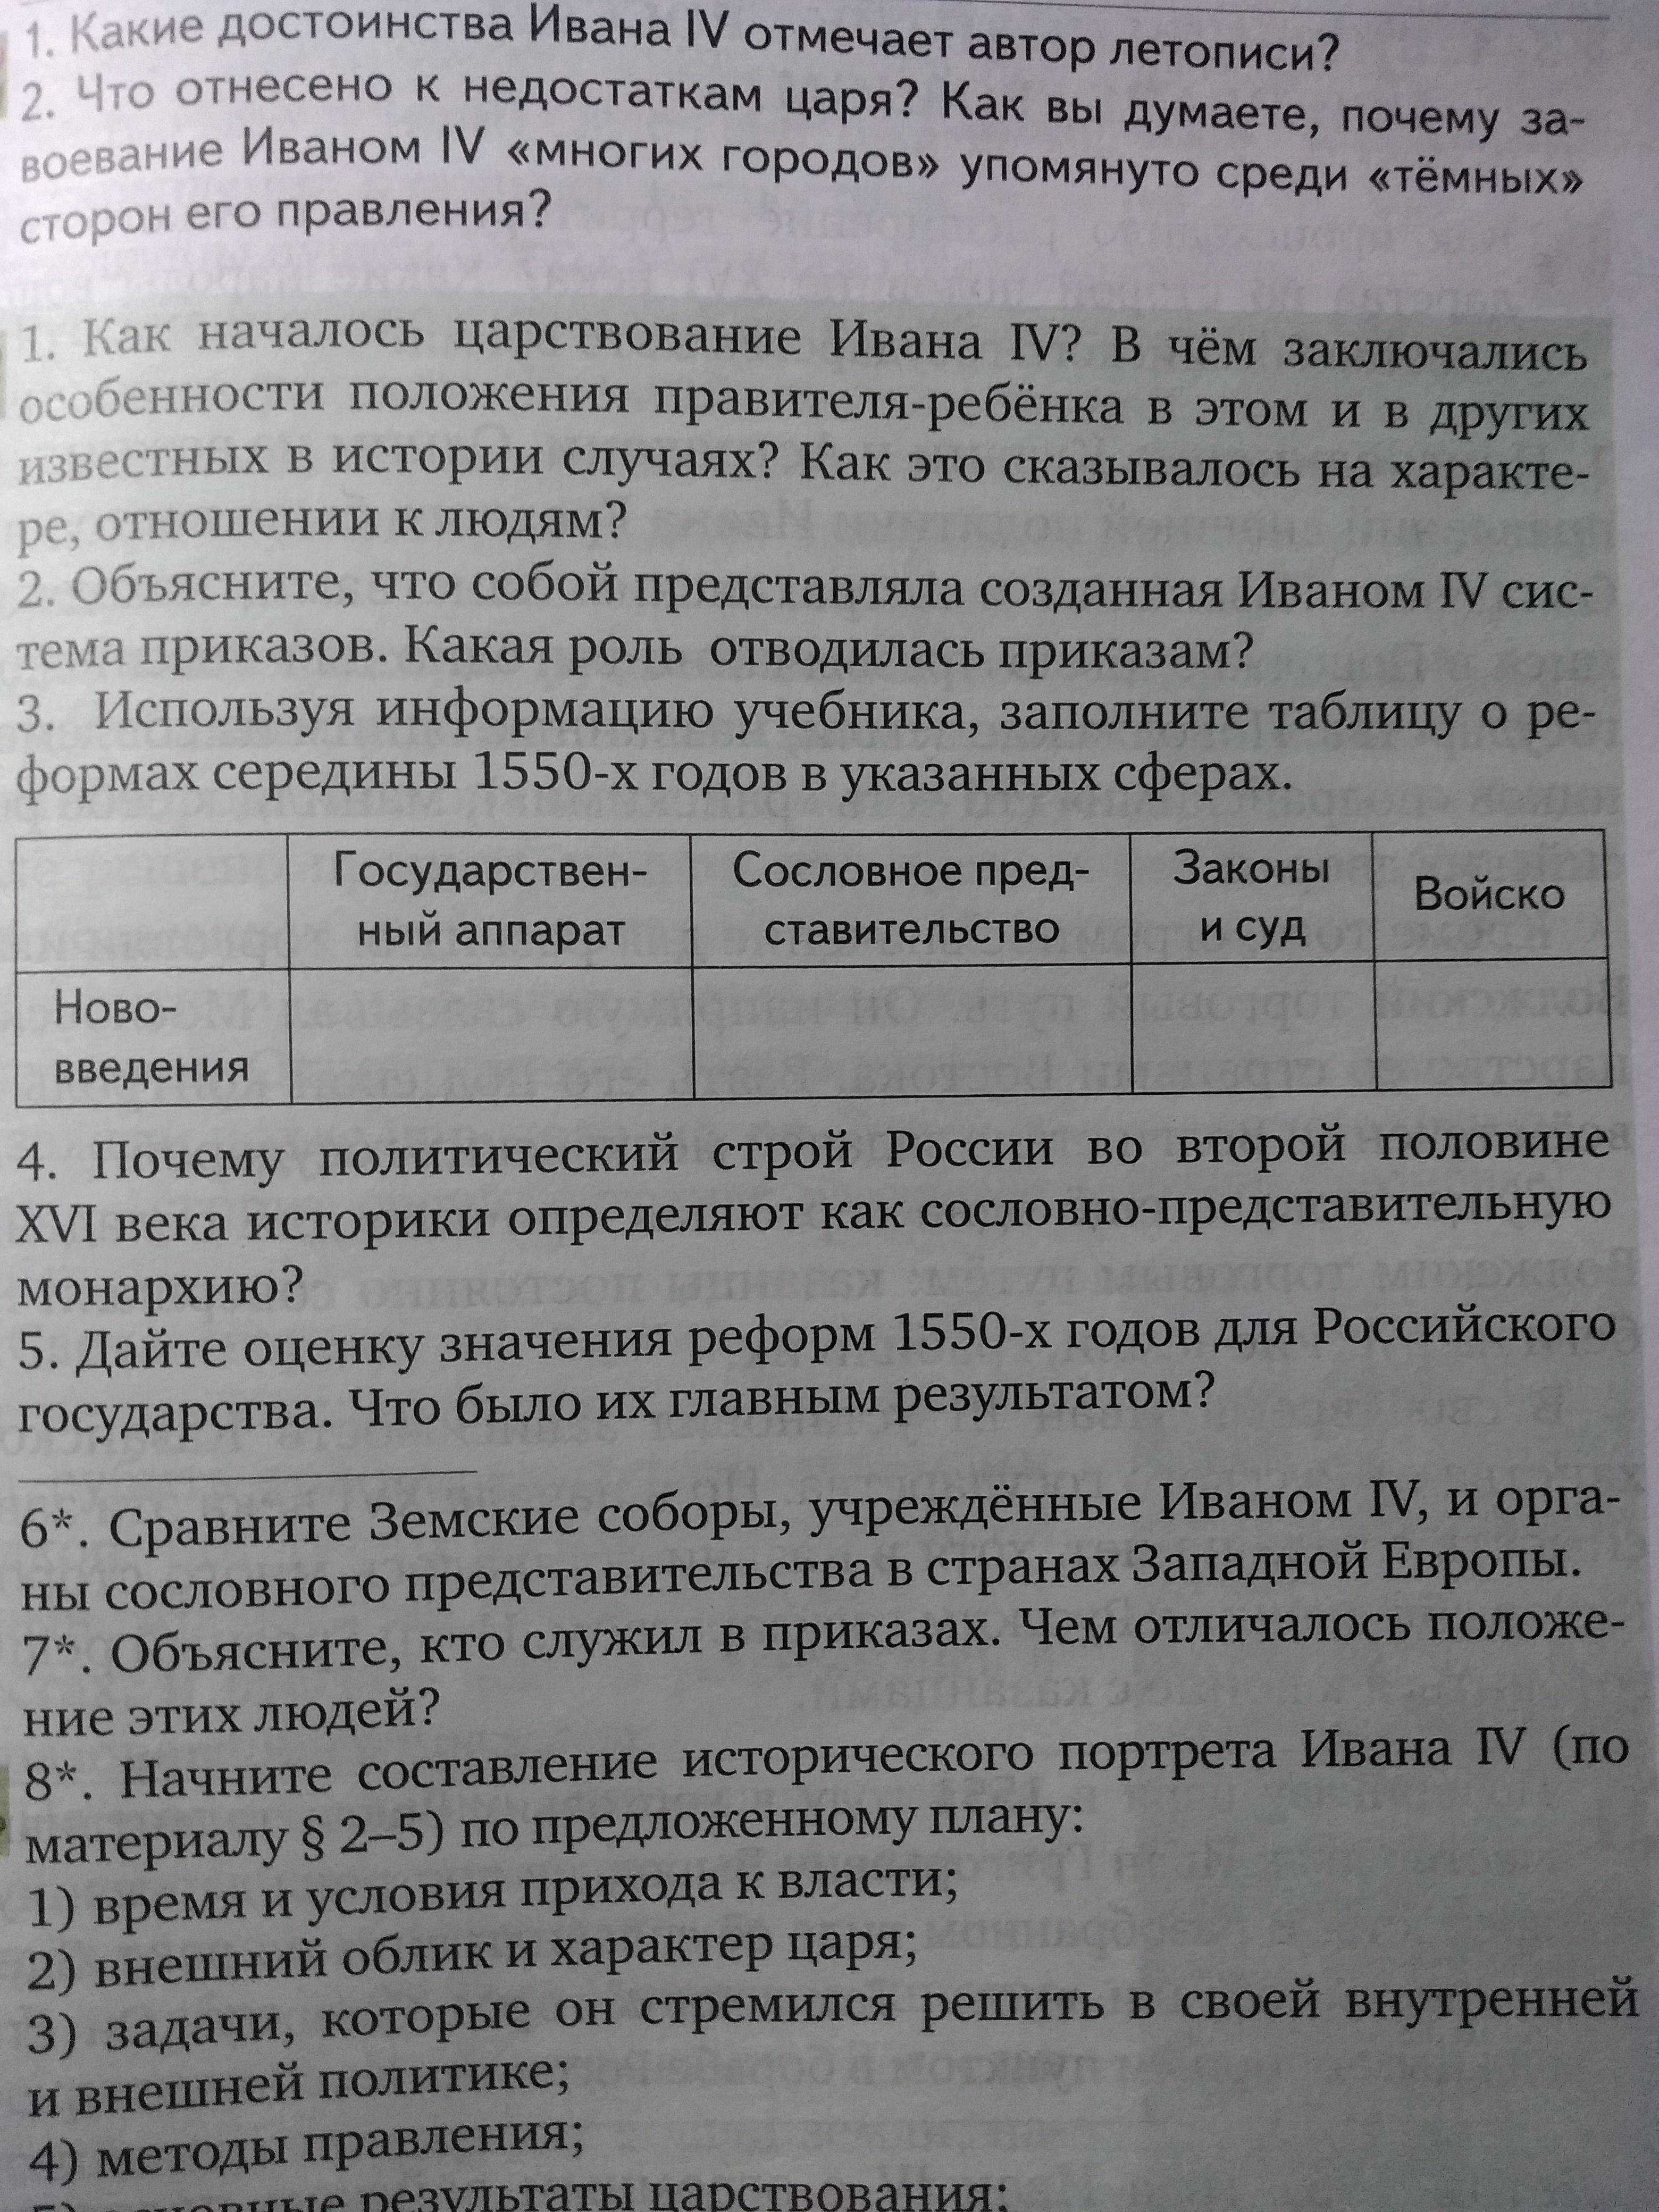 10 класс таблица органы сословного представительства